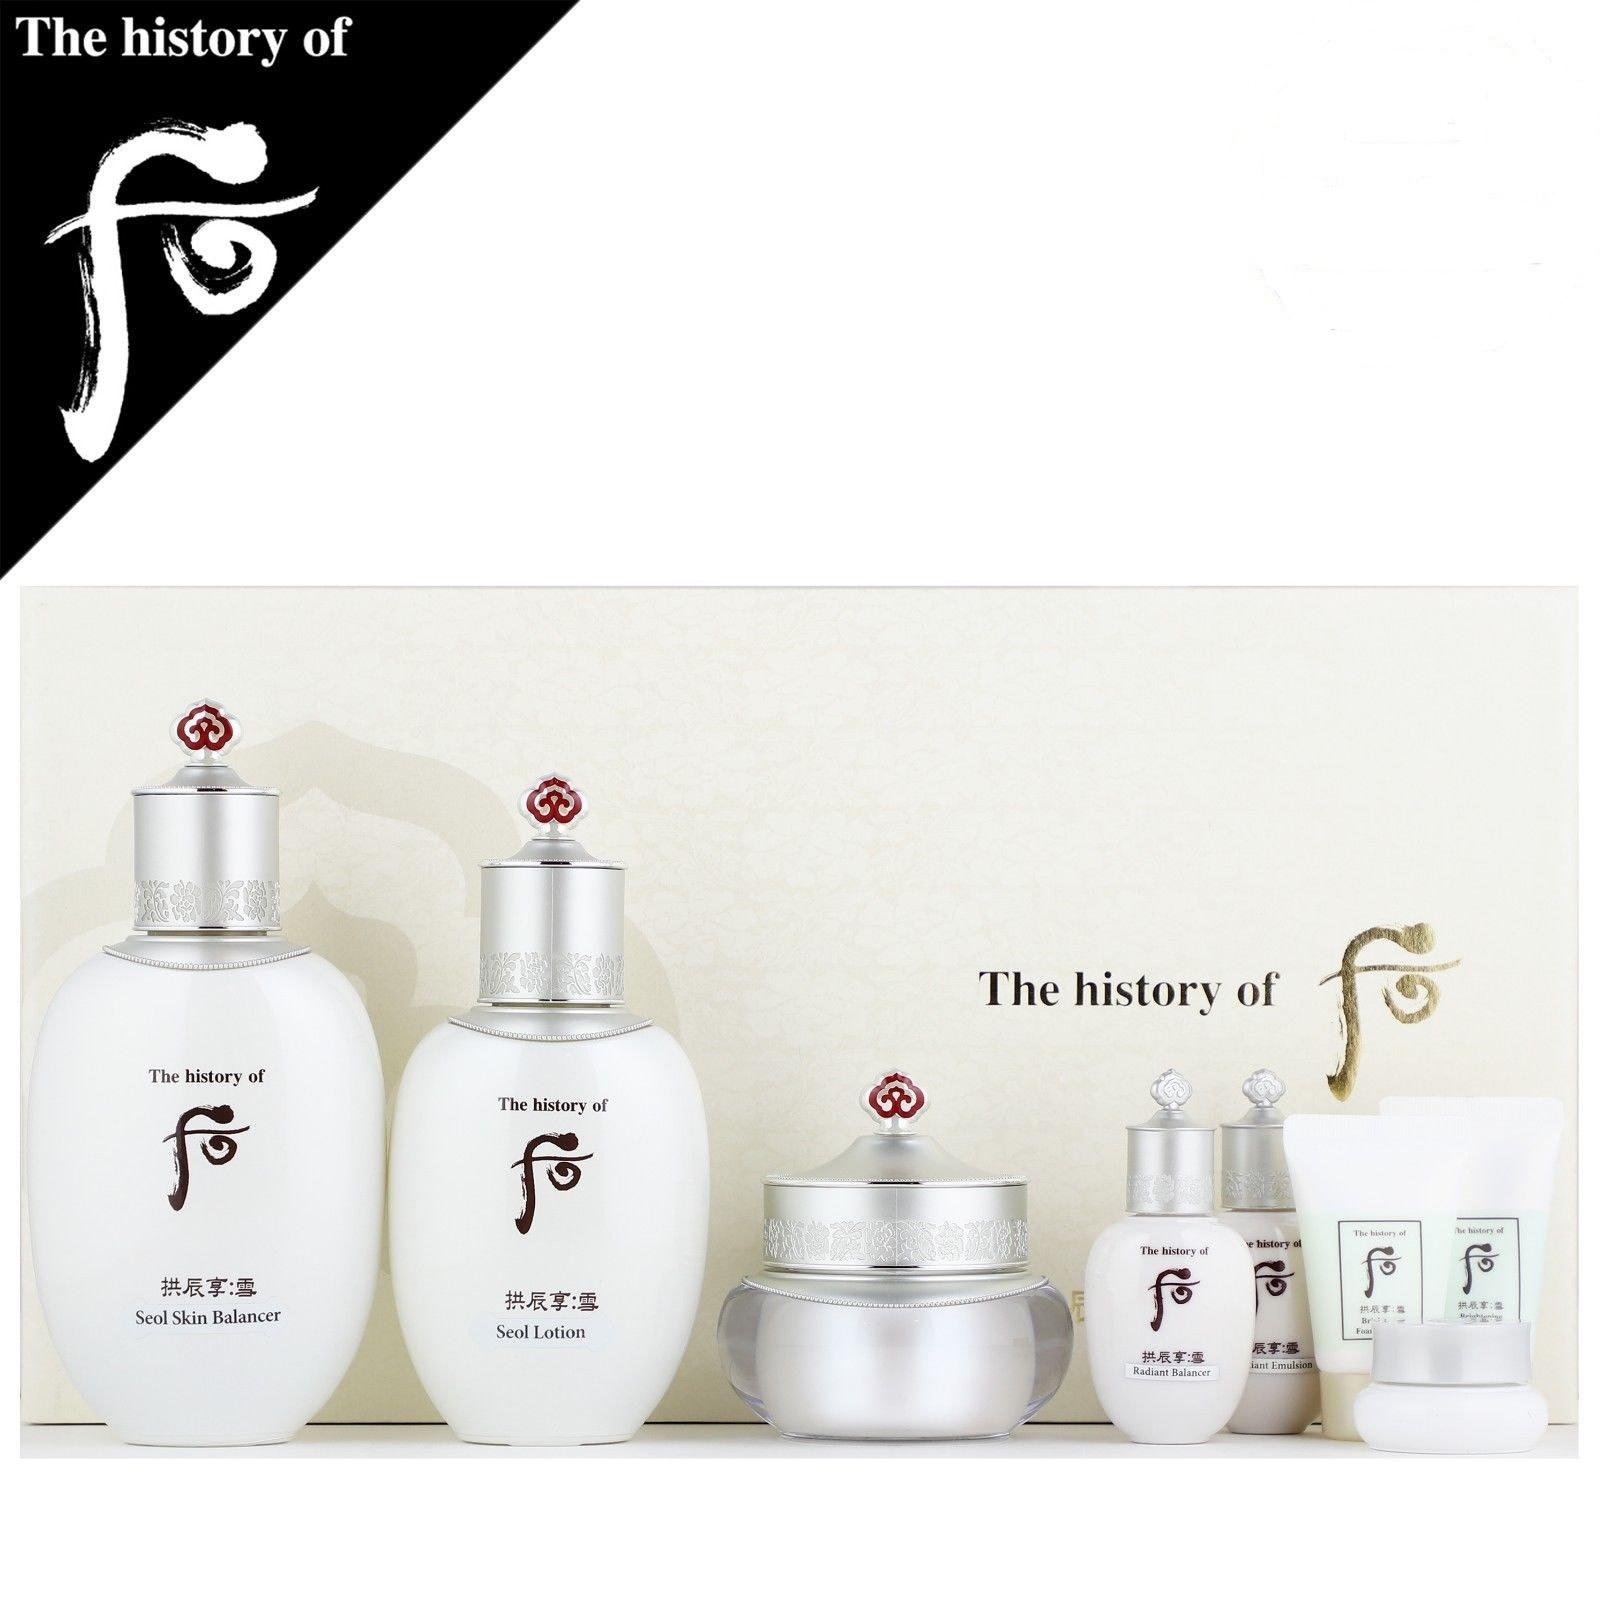 The History of Whoo WH GJH SEOL RADIANT WHITE 3PCS SET - BỘ KEM DƯỠNG TRẮNG, TRỊ THÂM NÁM 3 LOẠI